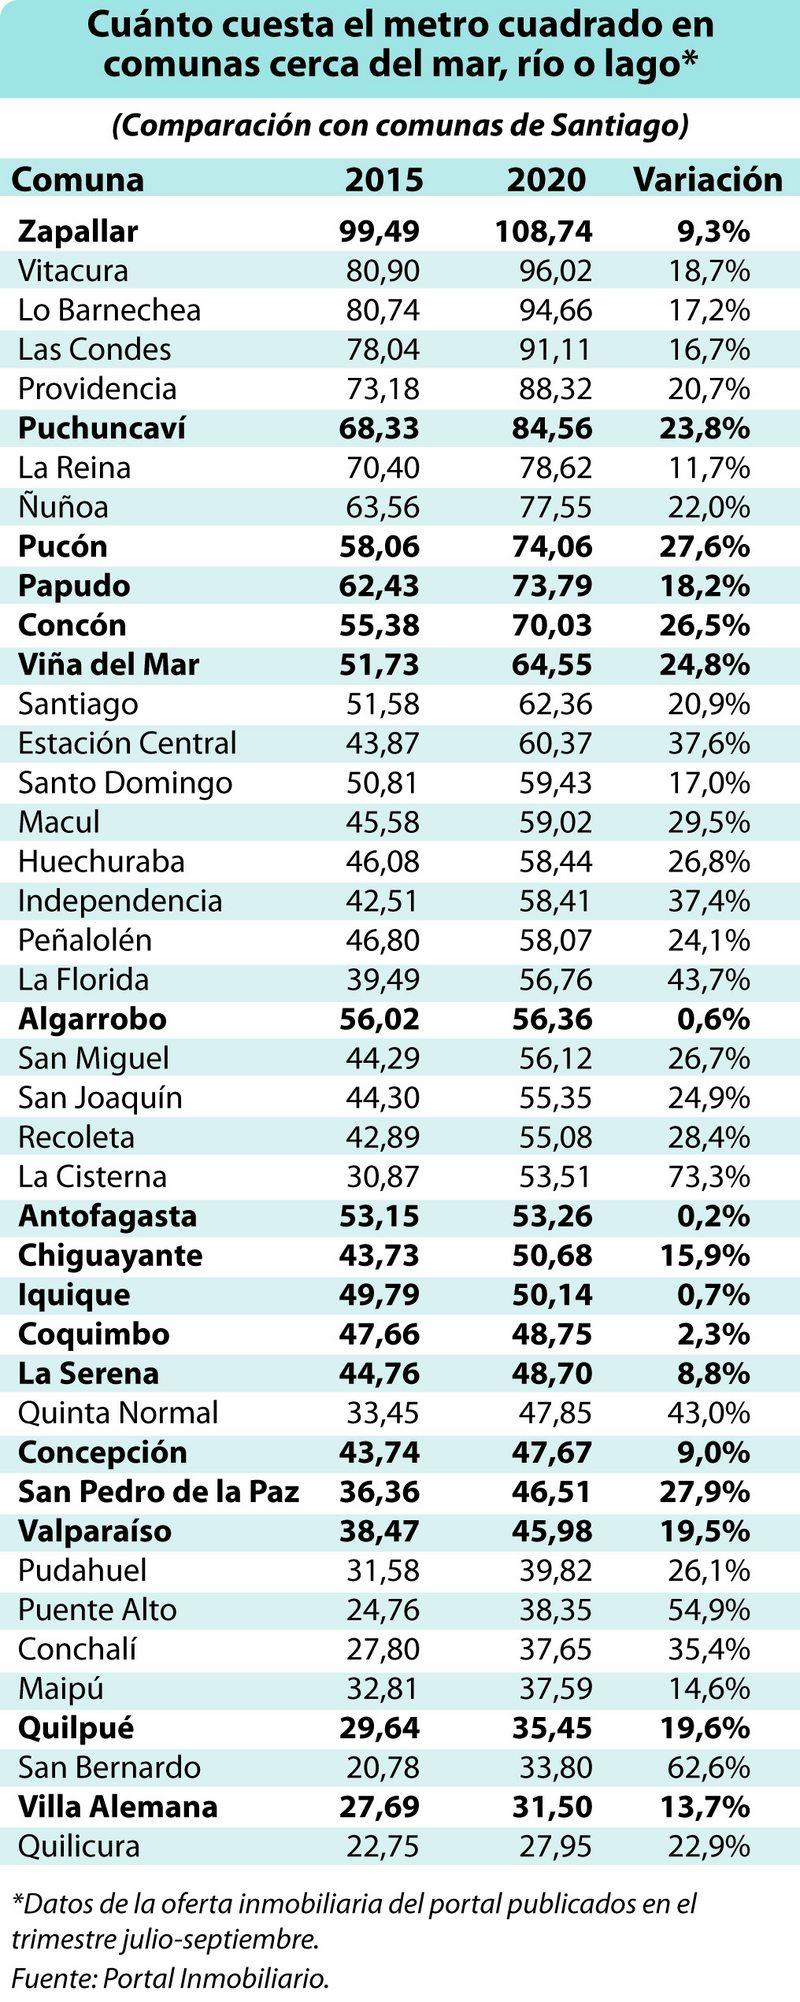 precio del metro cuadrado en las comunas con mar, un río o un lago cerca